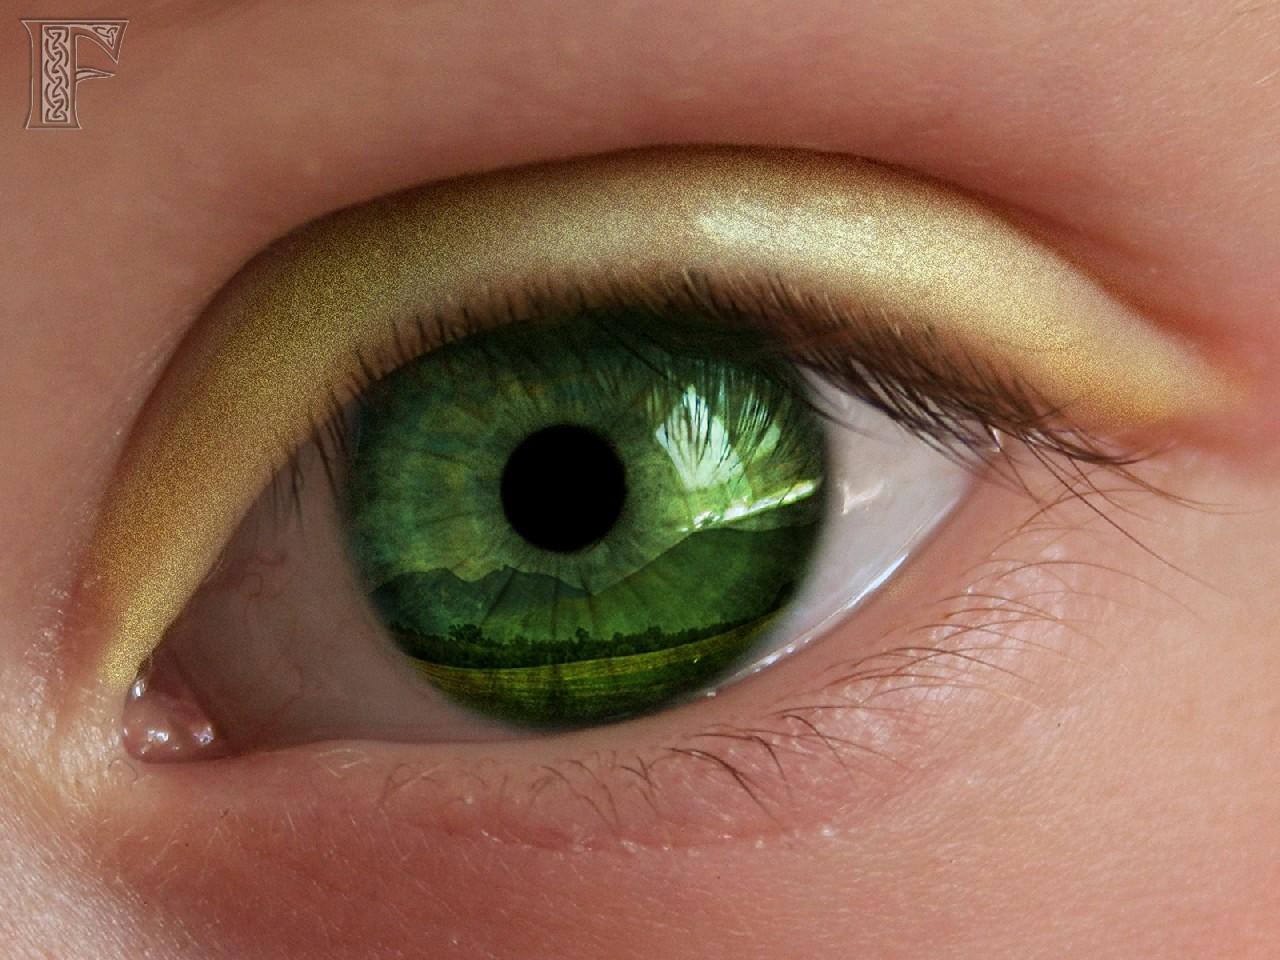 5 июн 2017. Пошаговые уроки и инструкции для макияжа зеленых глаз от дневного до вечернего. Тренды, фото и советы стилистов по макияжу зеленоглазым читайте на makeup. Как создать красивый летний образ для рыжеволосой девушки с зелеными глазами?. Смотрите в видео: